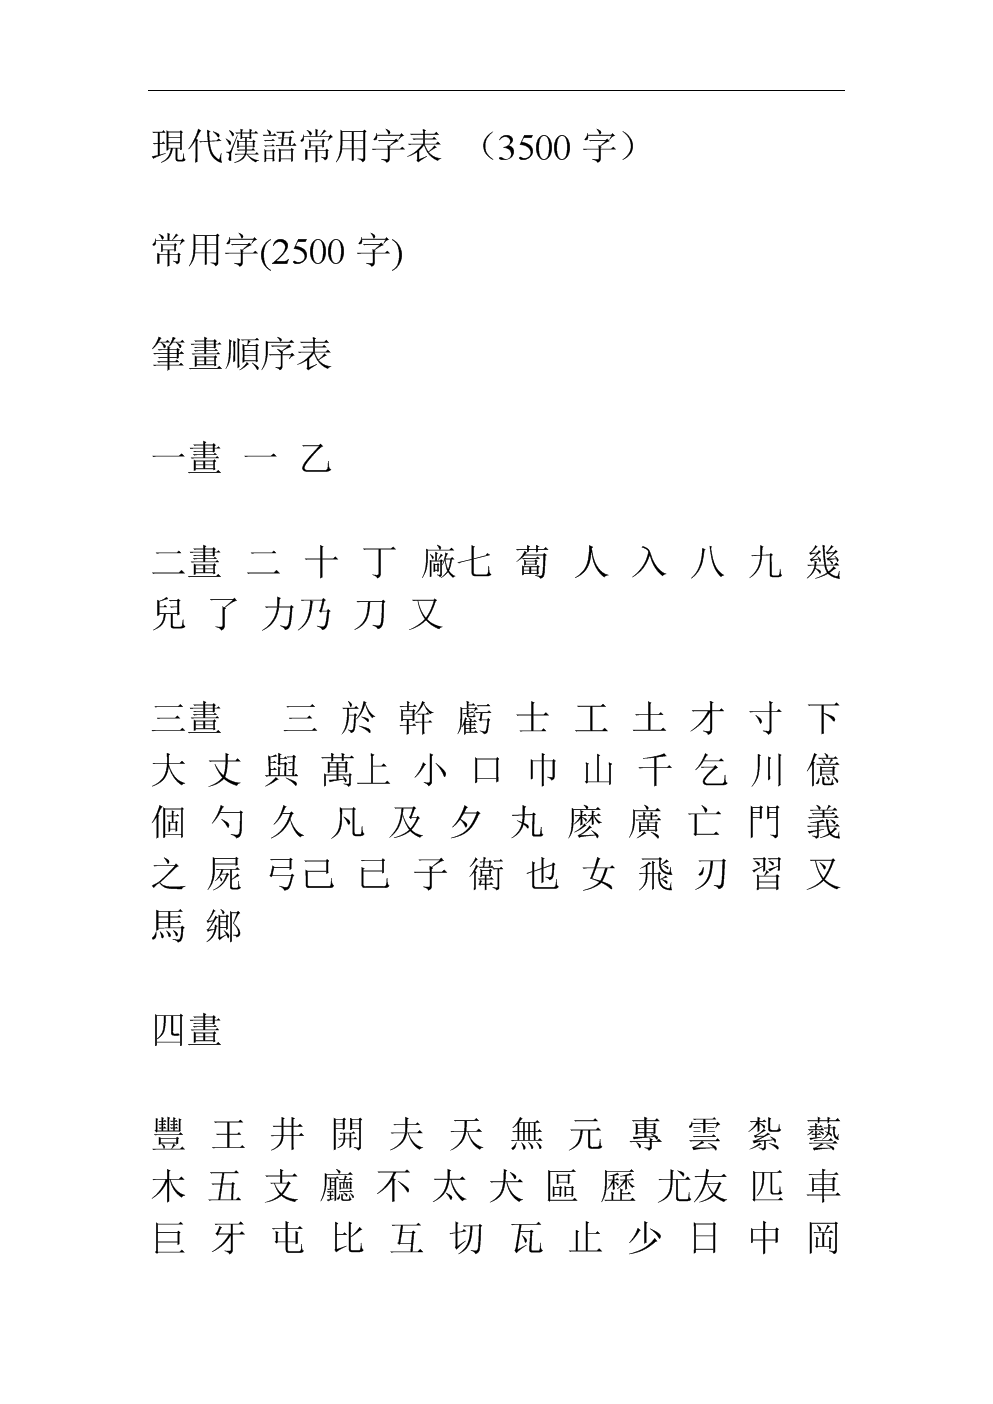 暴草骚妇_3500个常用汉字及繁体字表格.doc